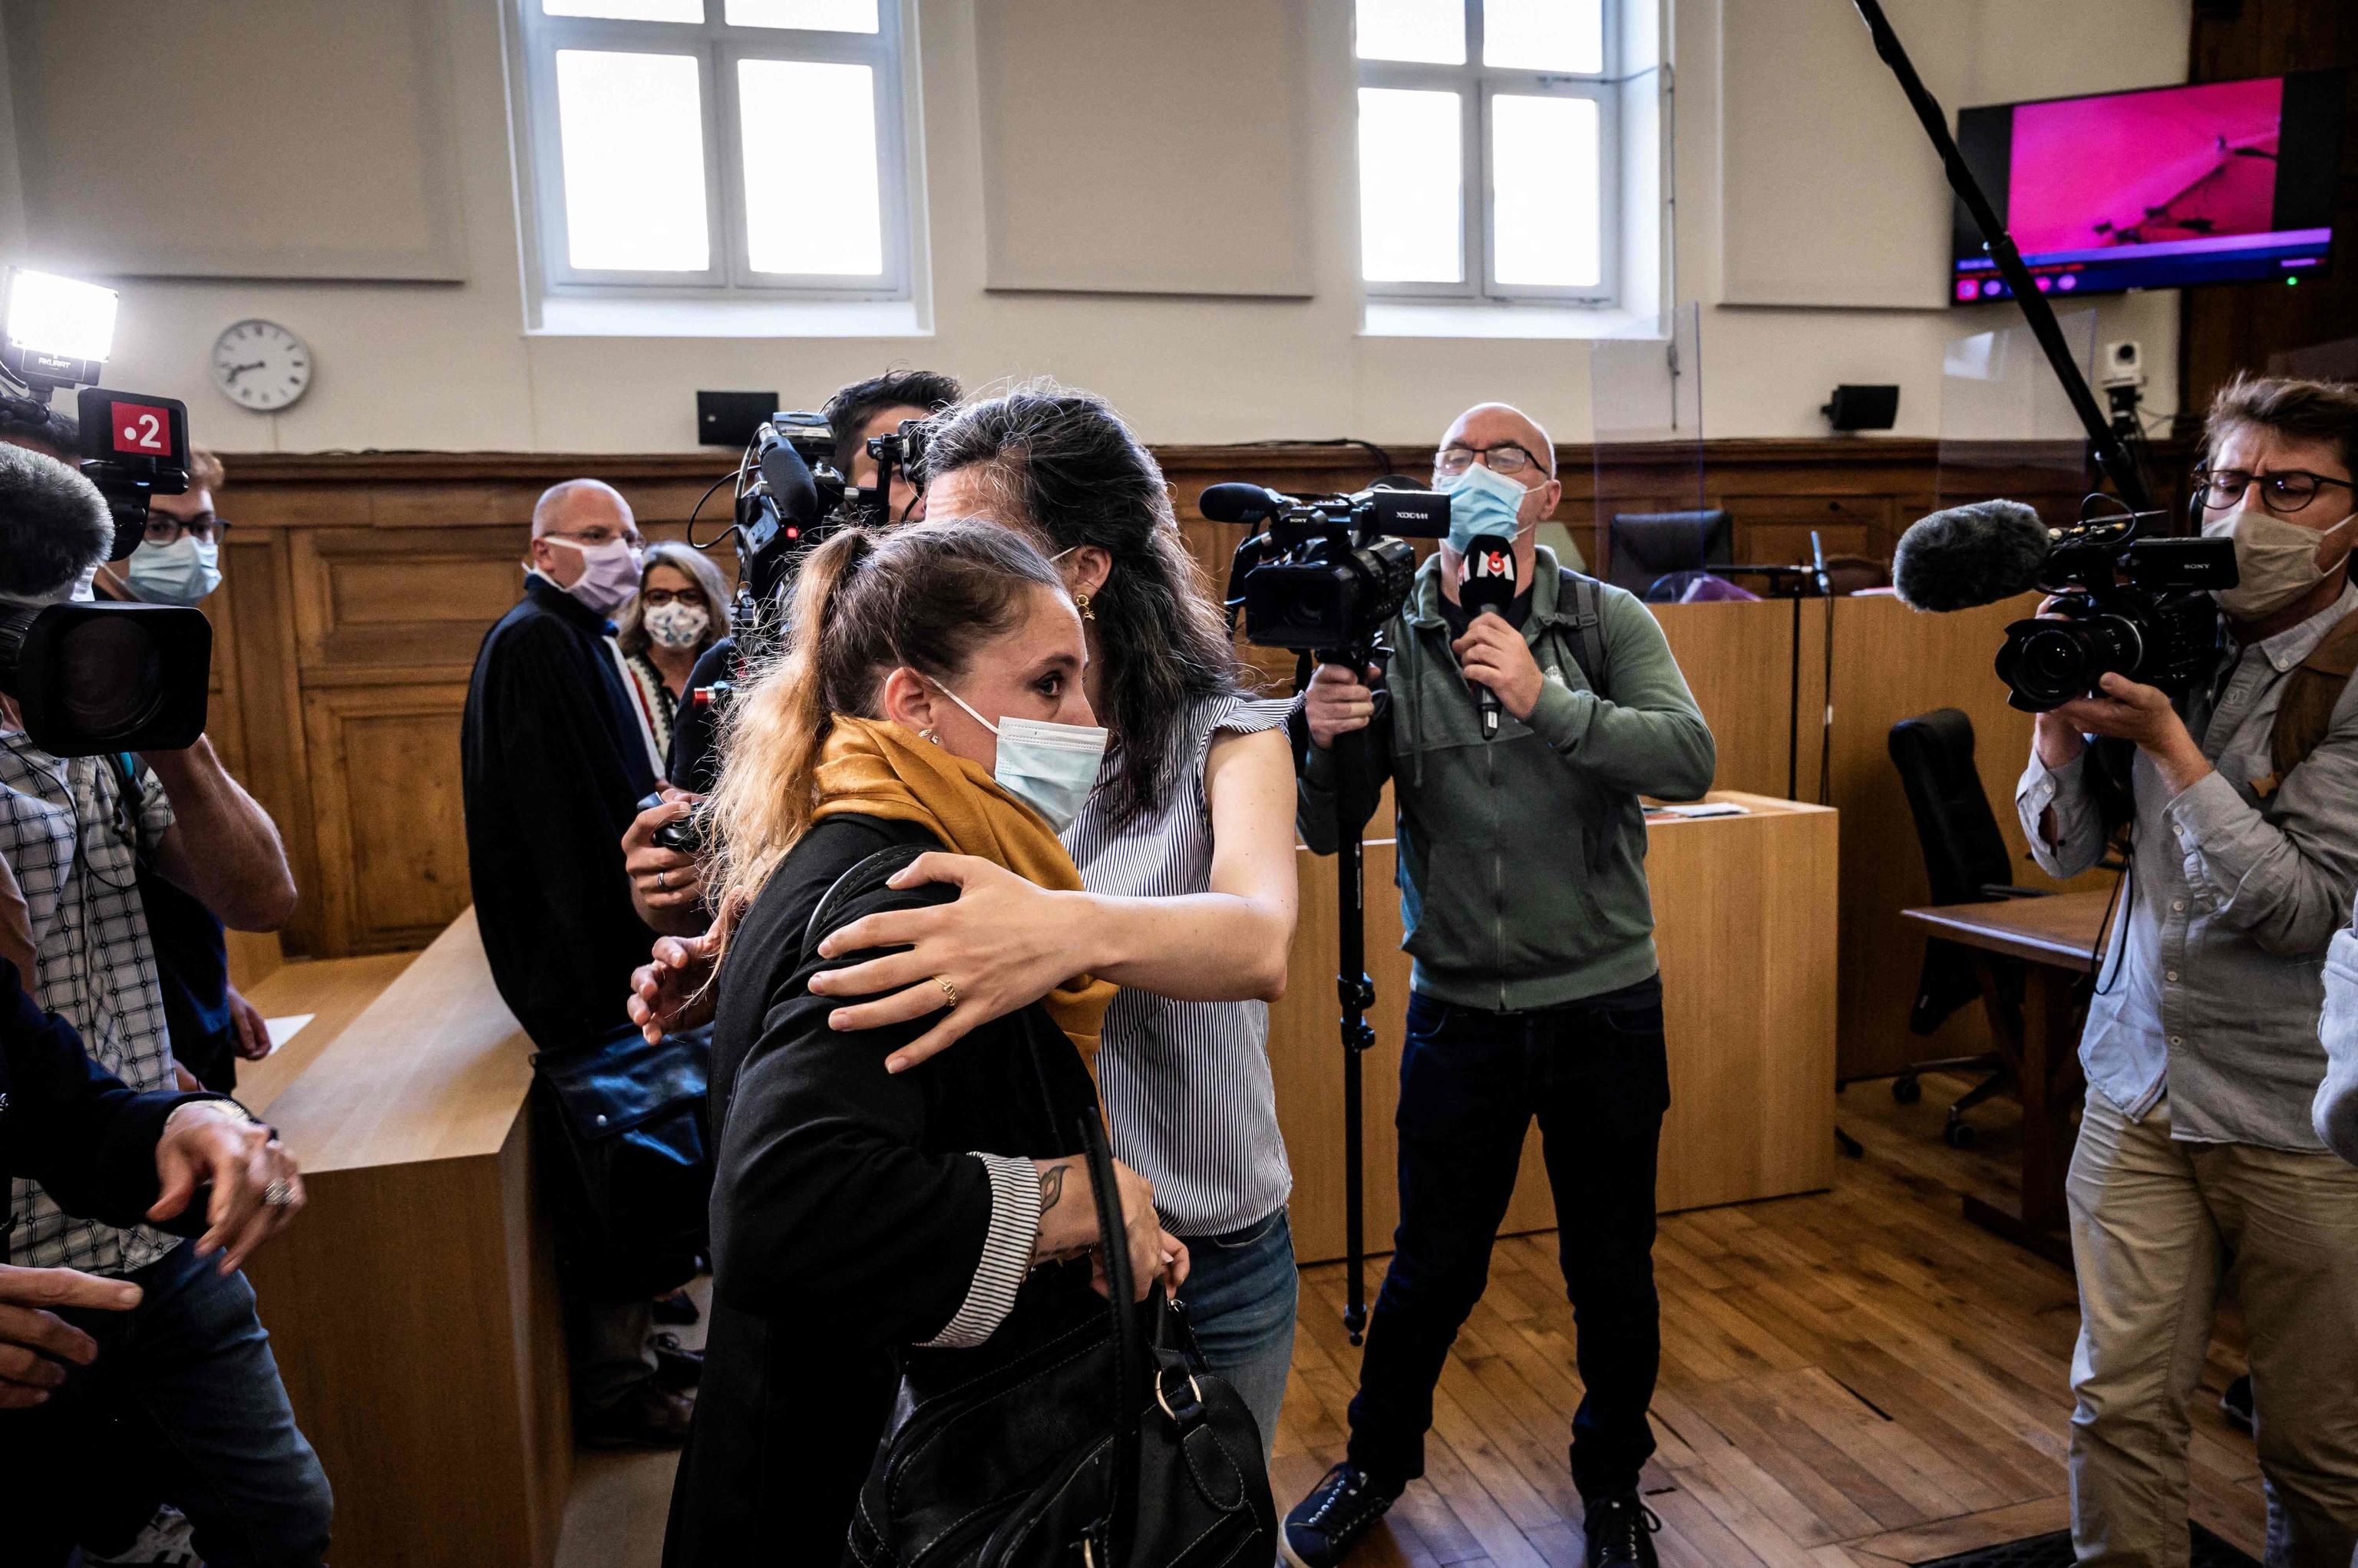 Valérie Bacot (con una bufanda amarilla), llega al juzgado de Chalon-sur-Saone.